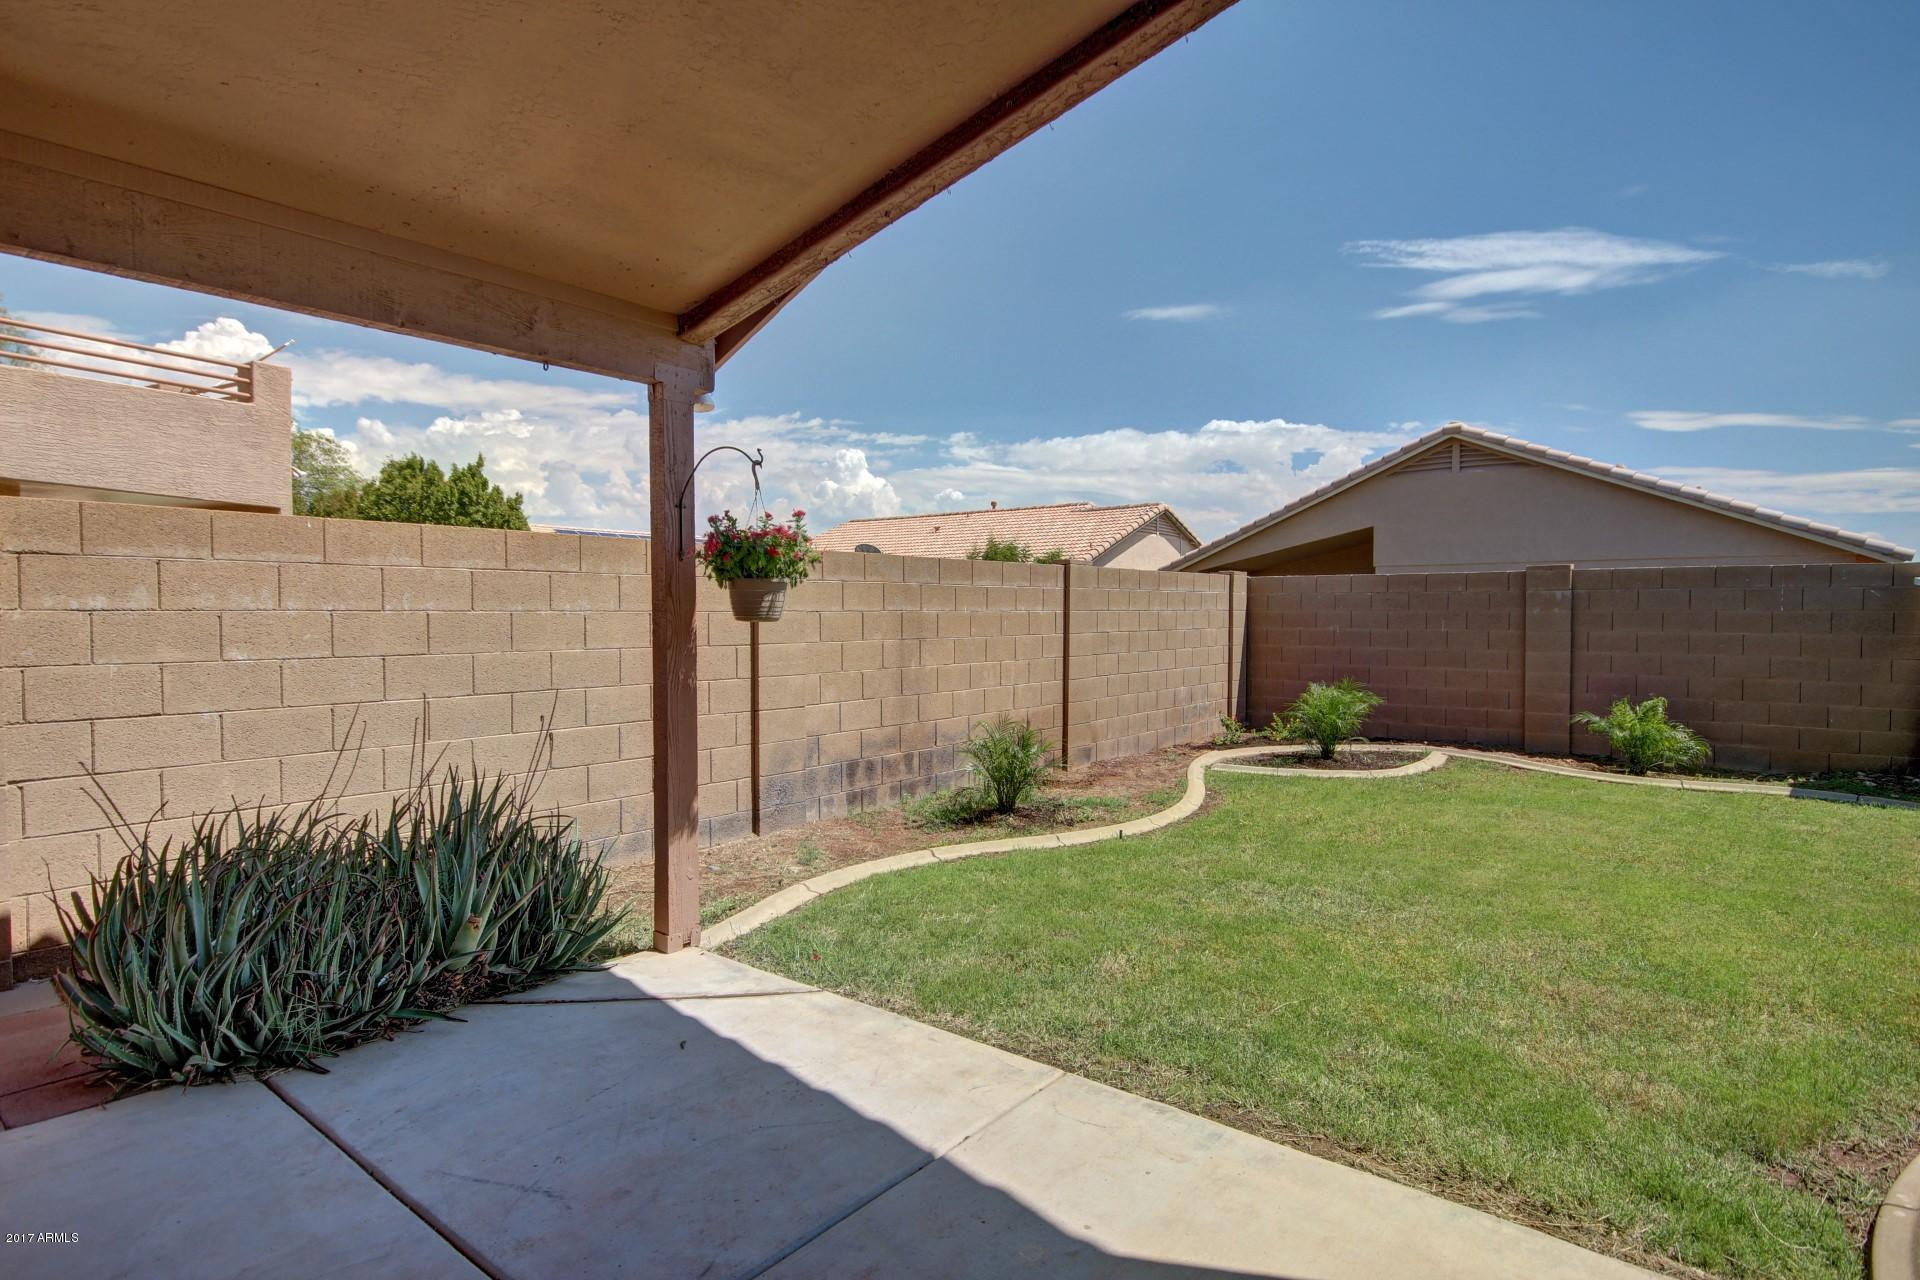 16169 W Davis  Road Surprise, AZ 85374 - img21